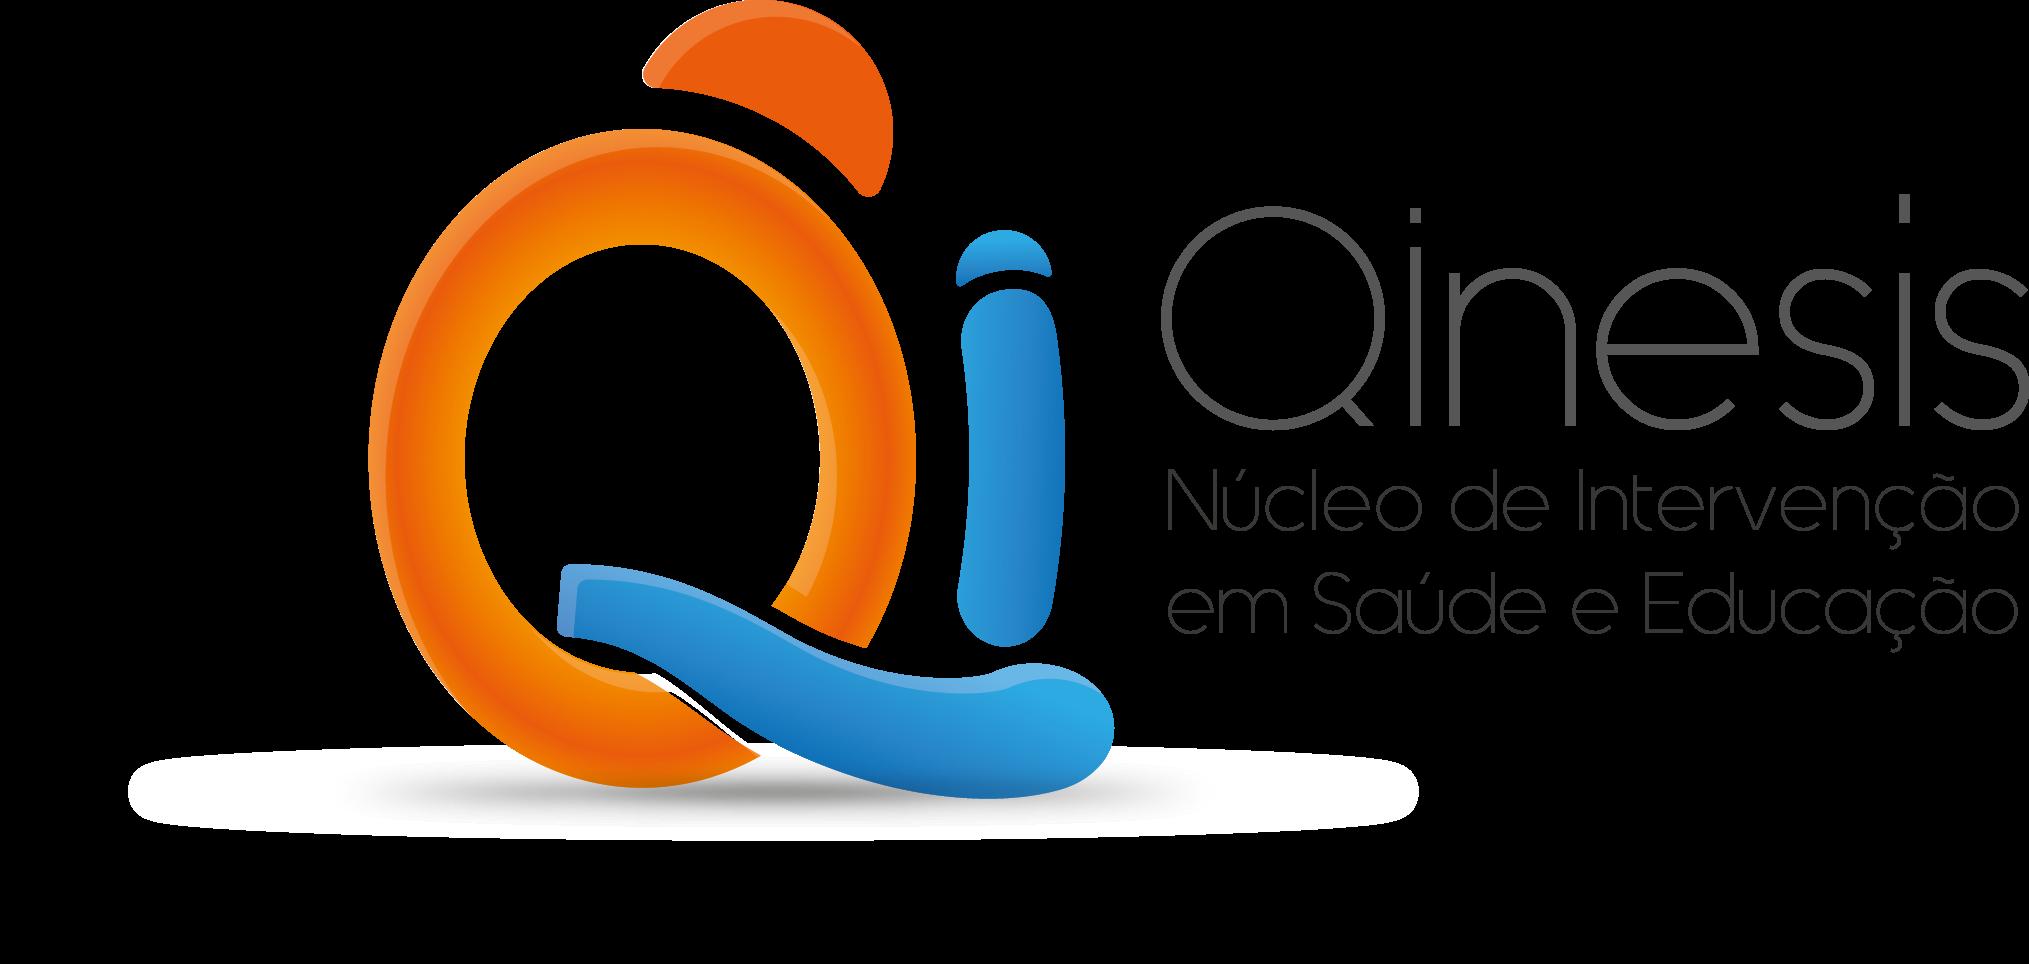 Qinesis